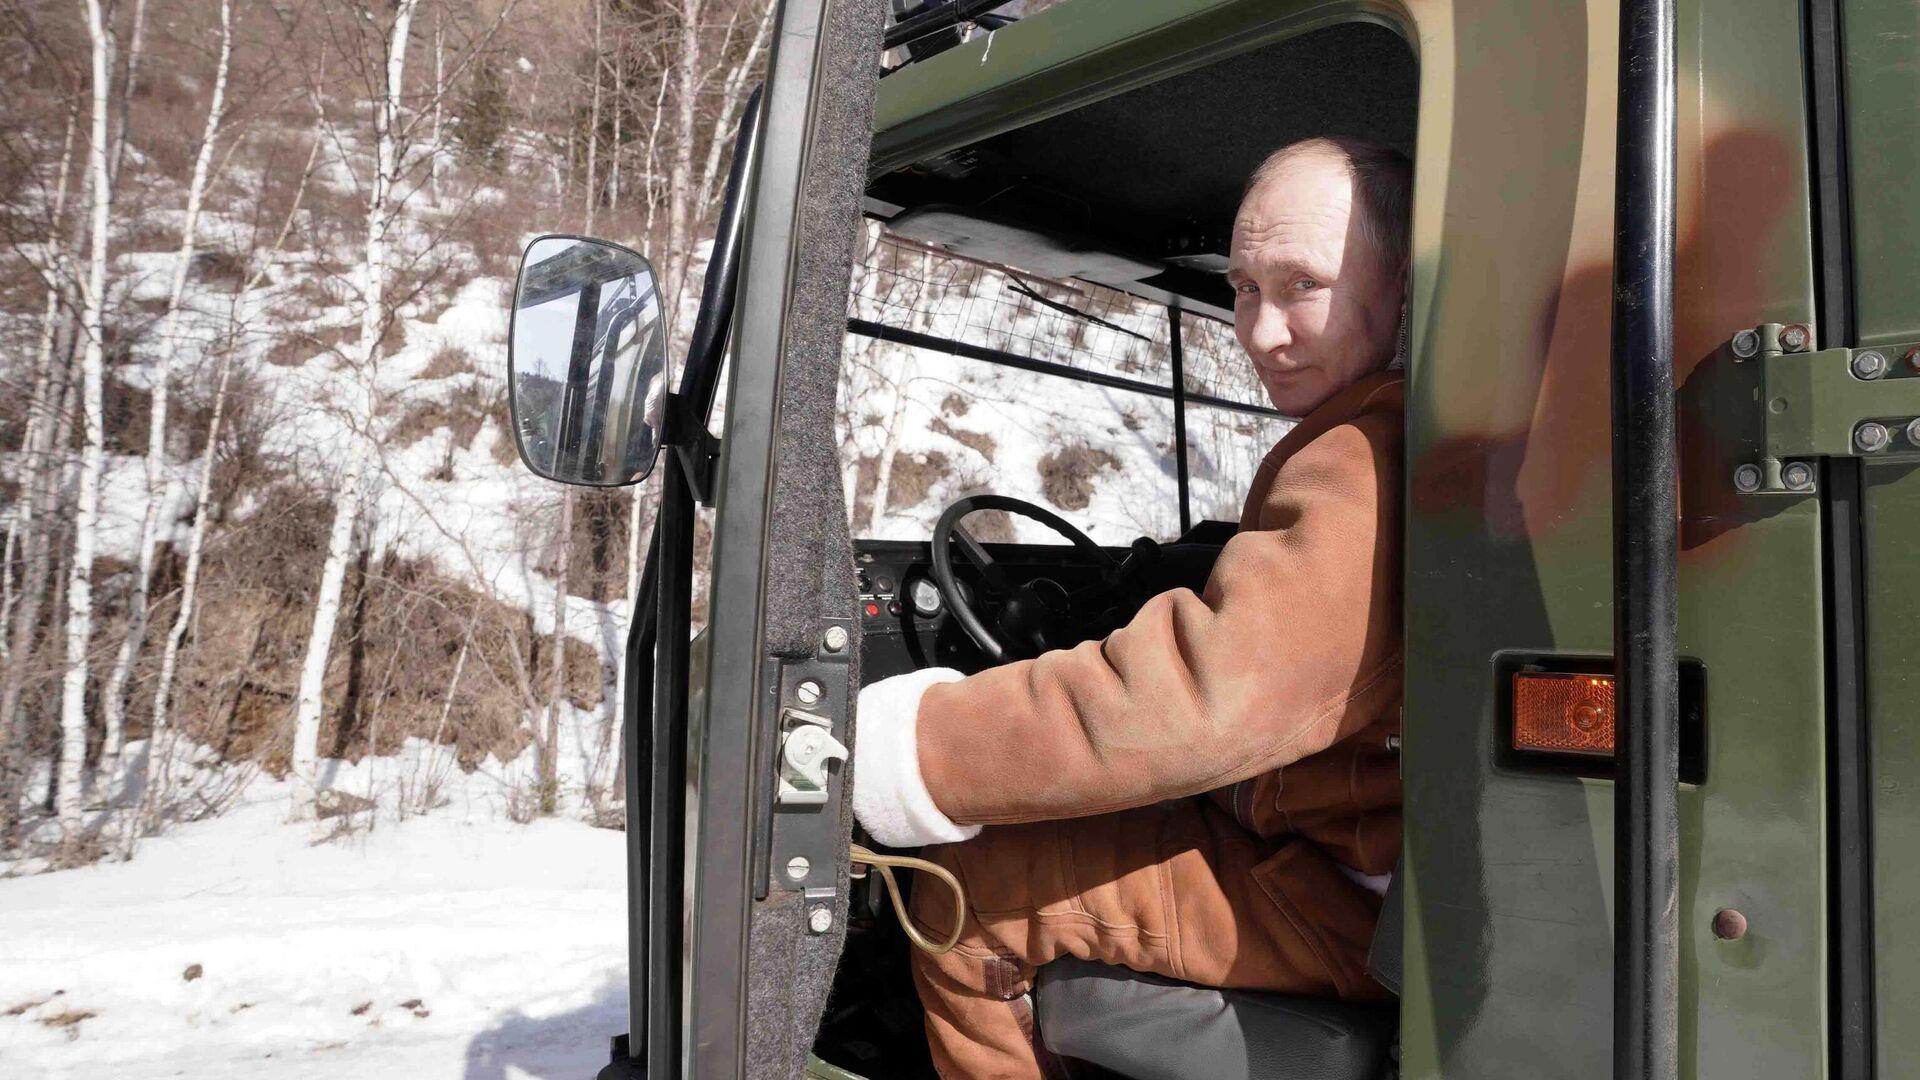 Президент РФ Владимир Путин управляет вездеходом во время прогулки в тайге - РИА Новости, 1920, 22.03.2021